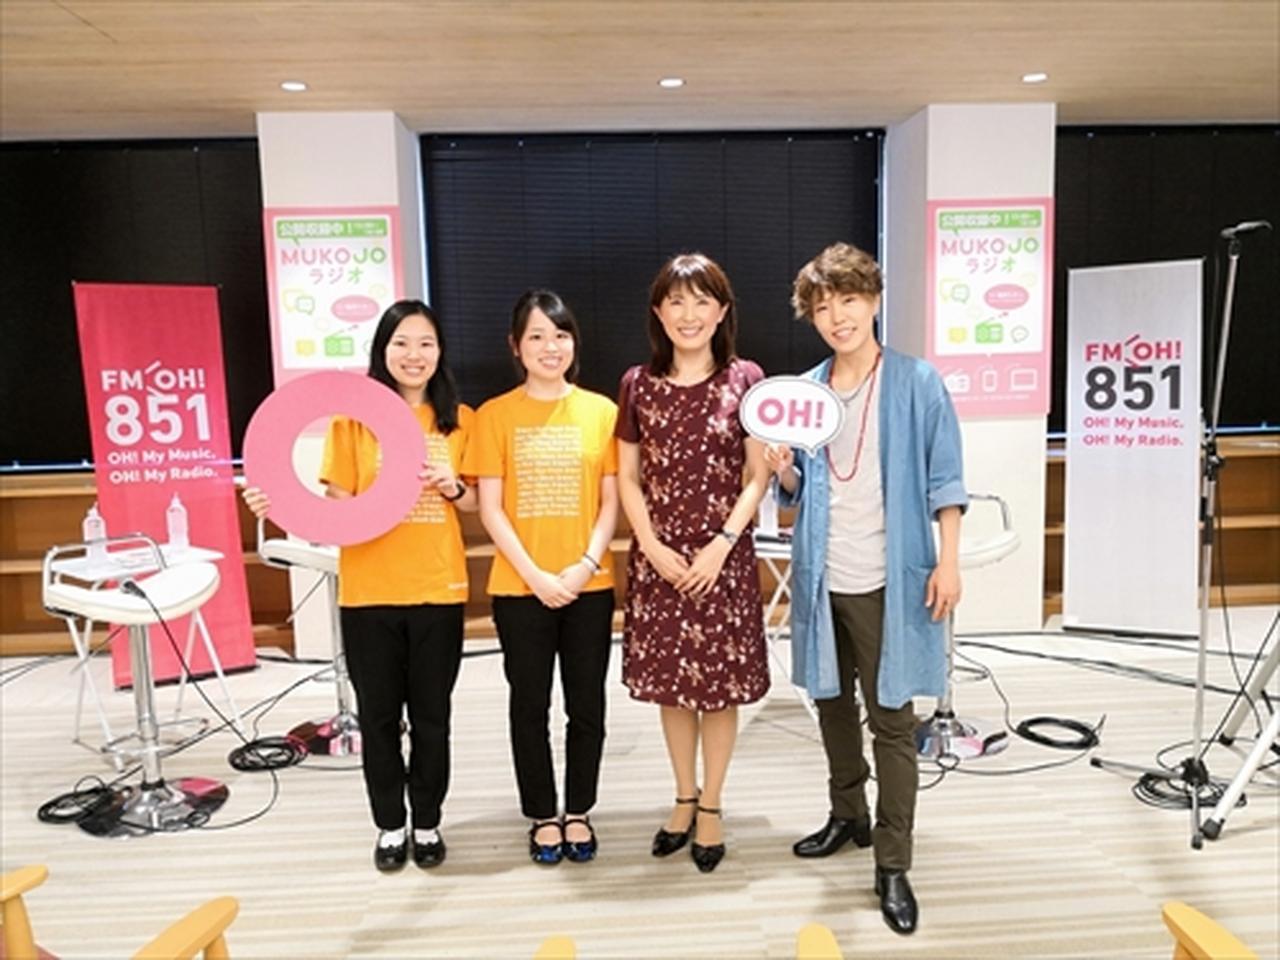 画像1: 武庫川女子大学ラジオ- MUKOJO ラジオ - 第73回-放送後記